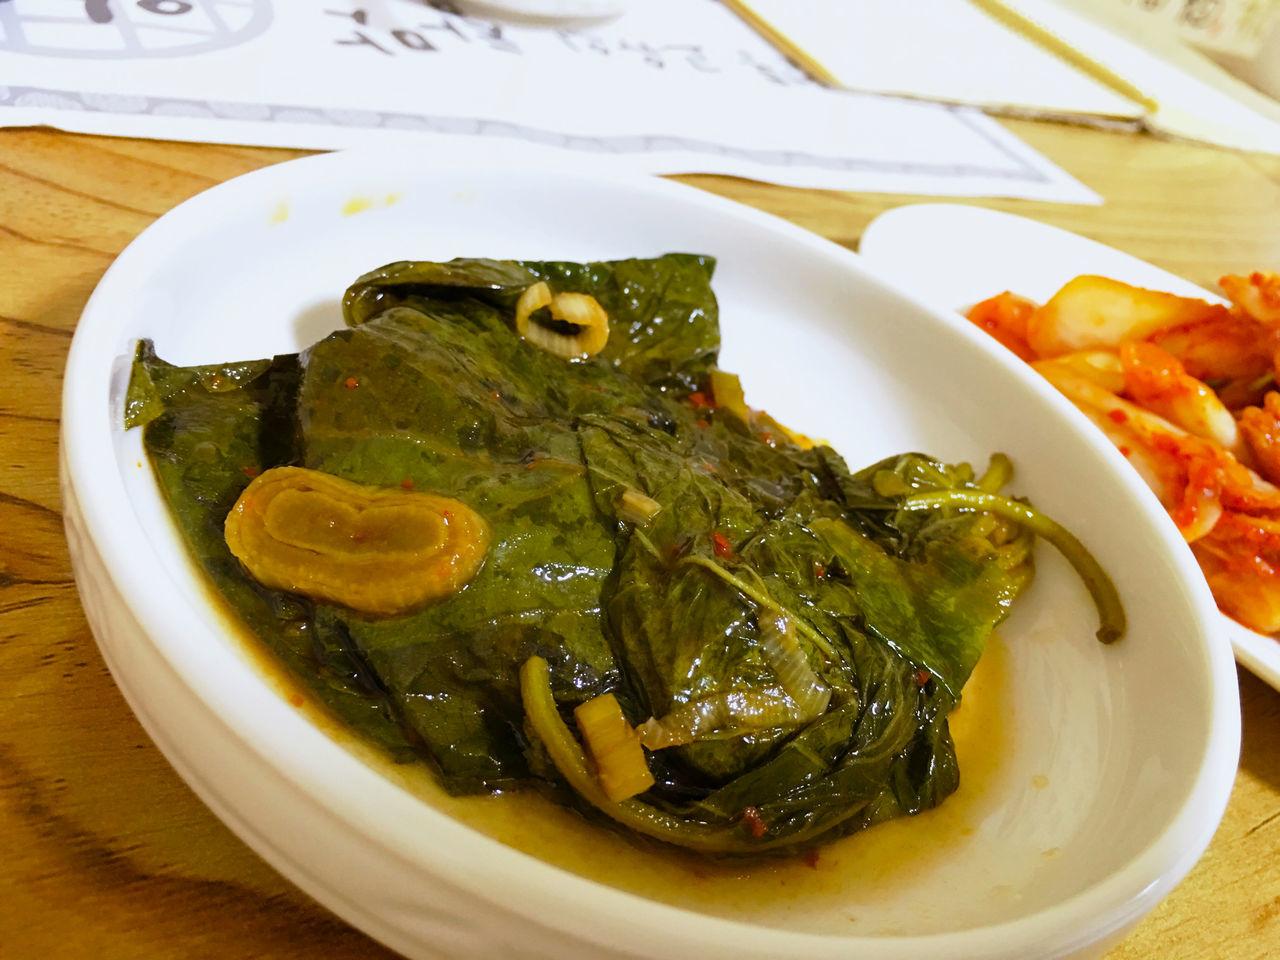 エゴマの葉 醤油漬け ケンニプ 깻잎 と カルグクス Kalguksu 칼국수 が、こんなに合うなんてびっくり。これ、日本の塩ラーメンや鍋料理にも合うんでなかろうか? Food Porn Foodporn Korean Food テジョン 韓国 Korea Koreatown EyeEm Korea Vegitables